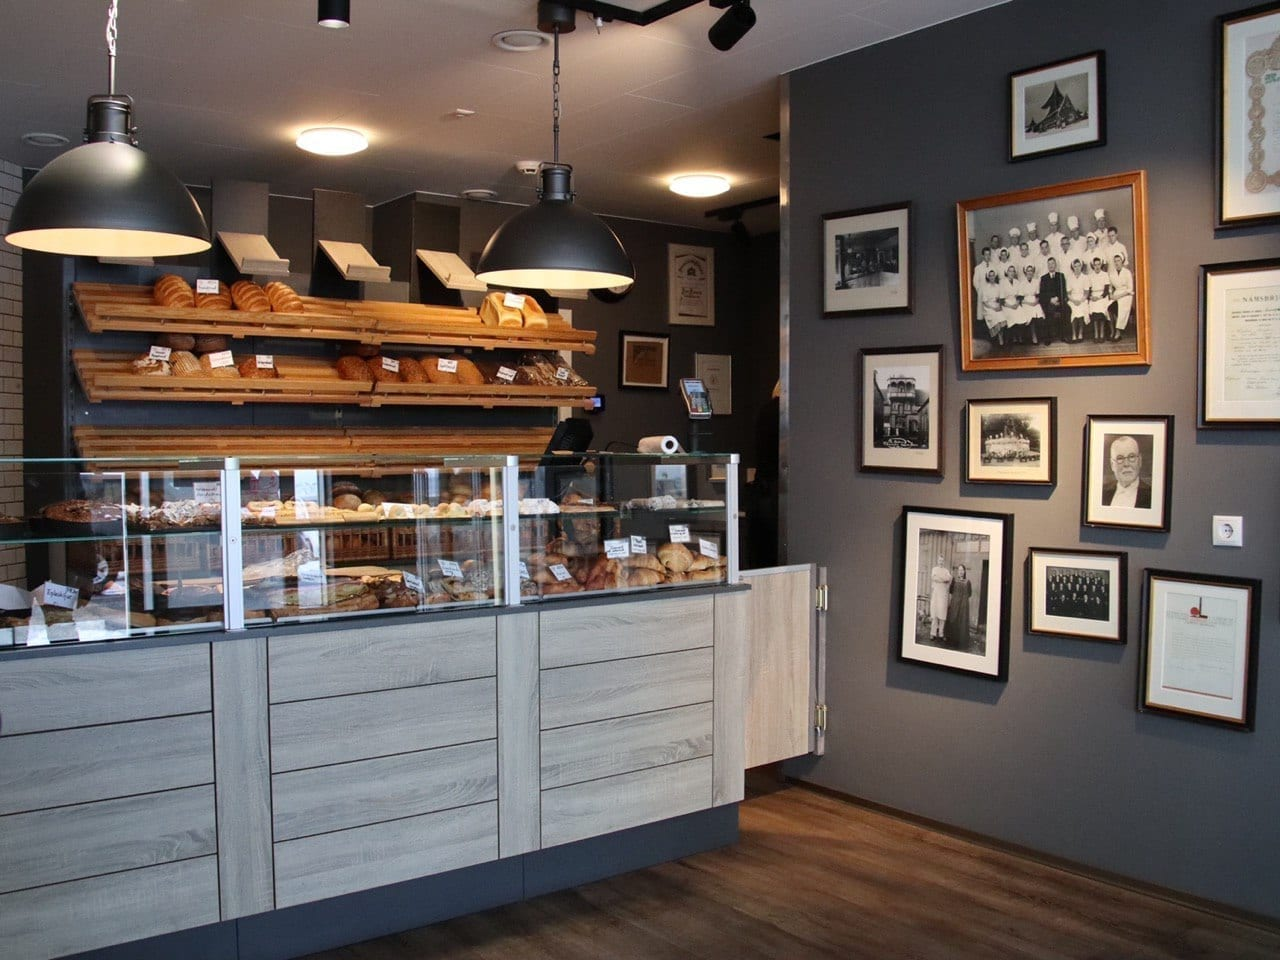 isenberg Bäckerei Island Verkaufsraum